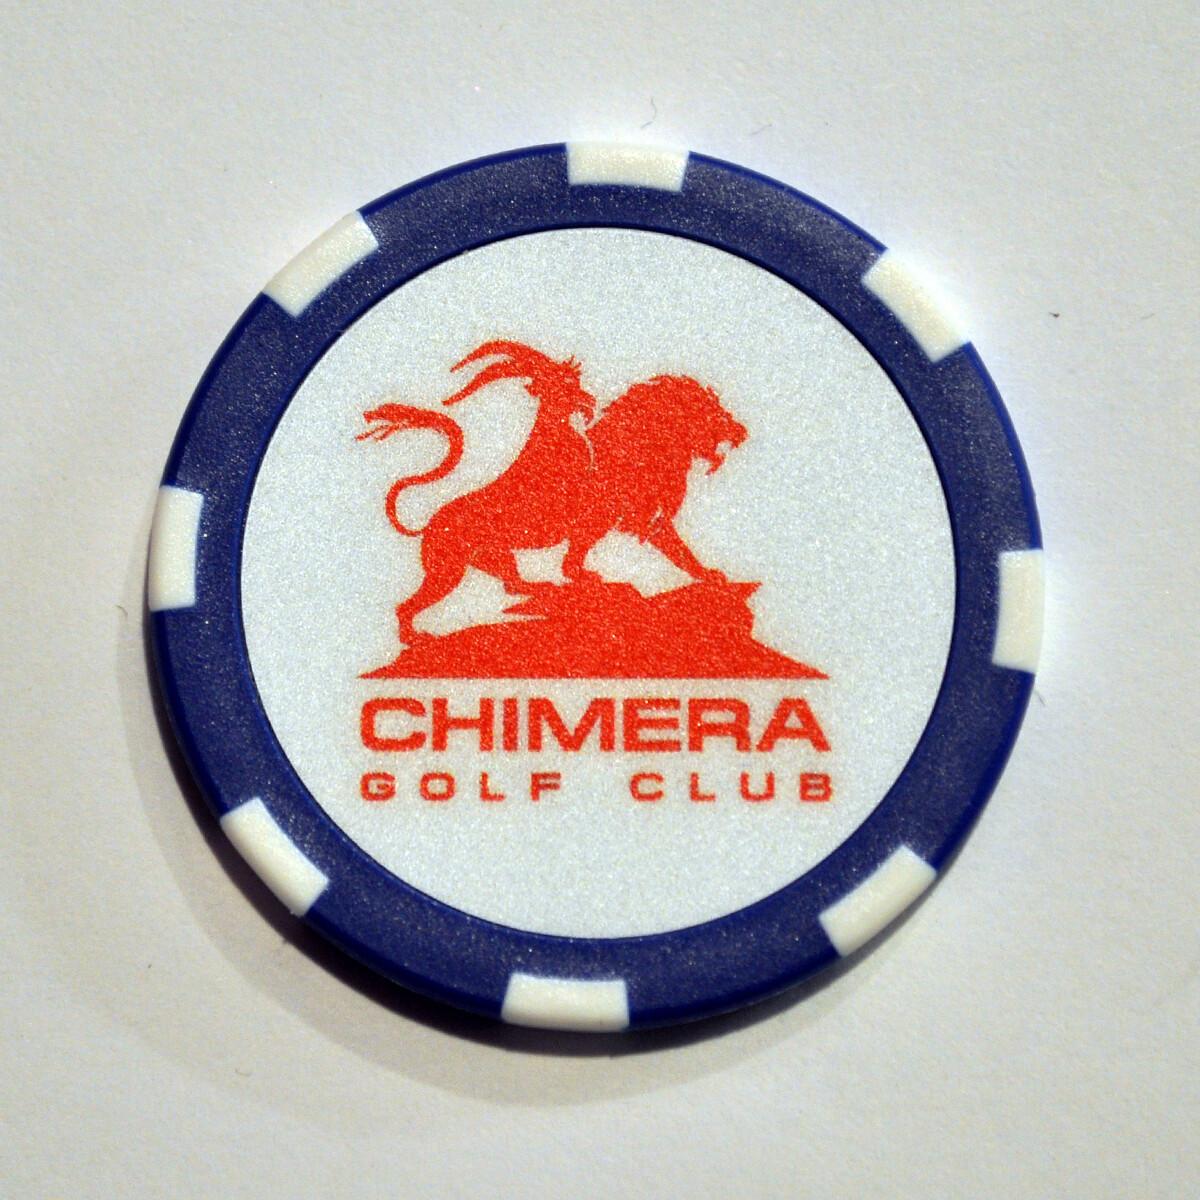 Poker Chip - Chimera - Blue/White